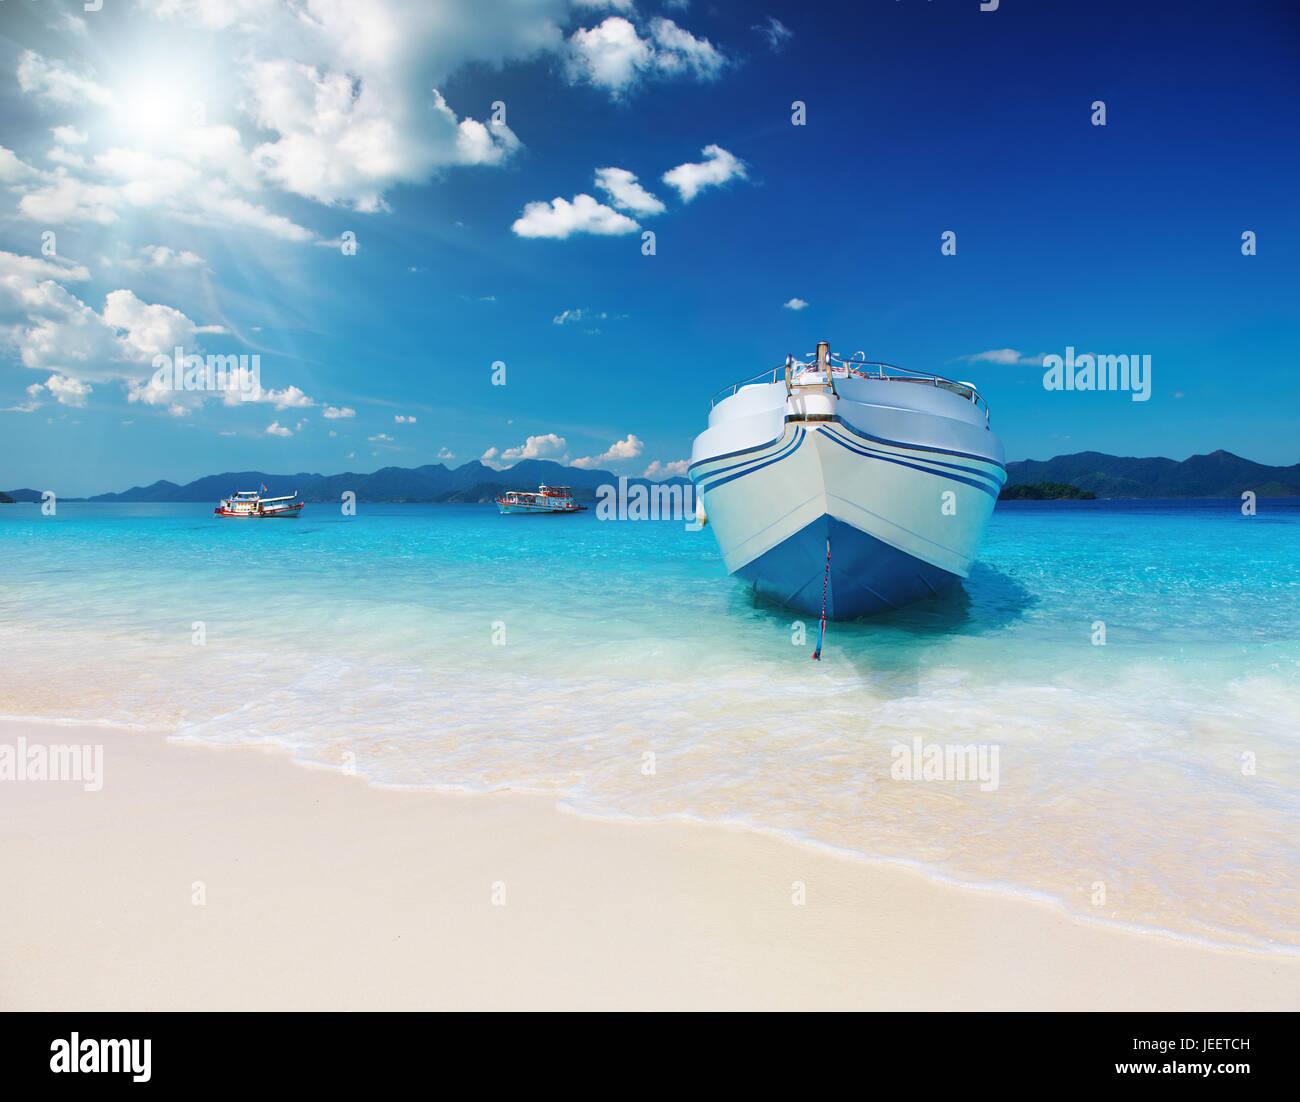 La plage tropicale de sable blanc et de la mer d'azur Photo Stock